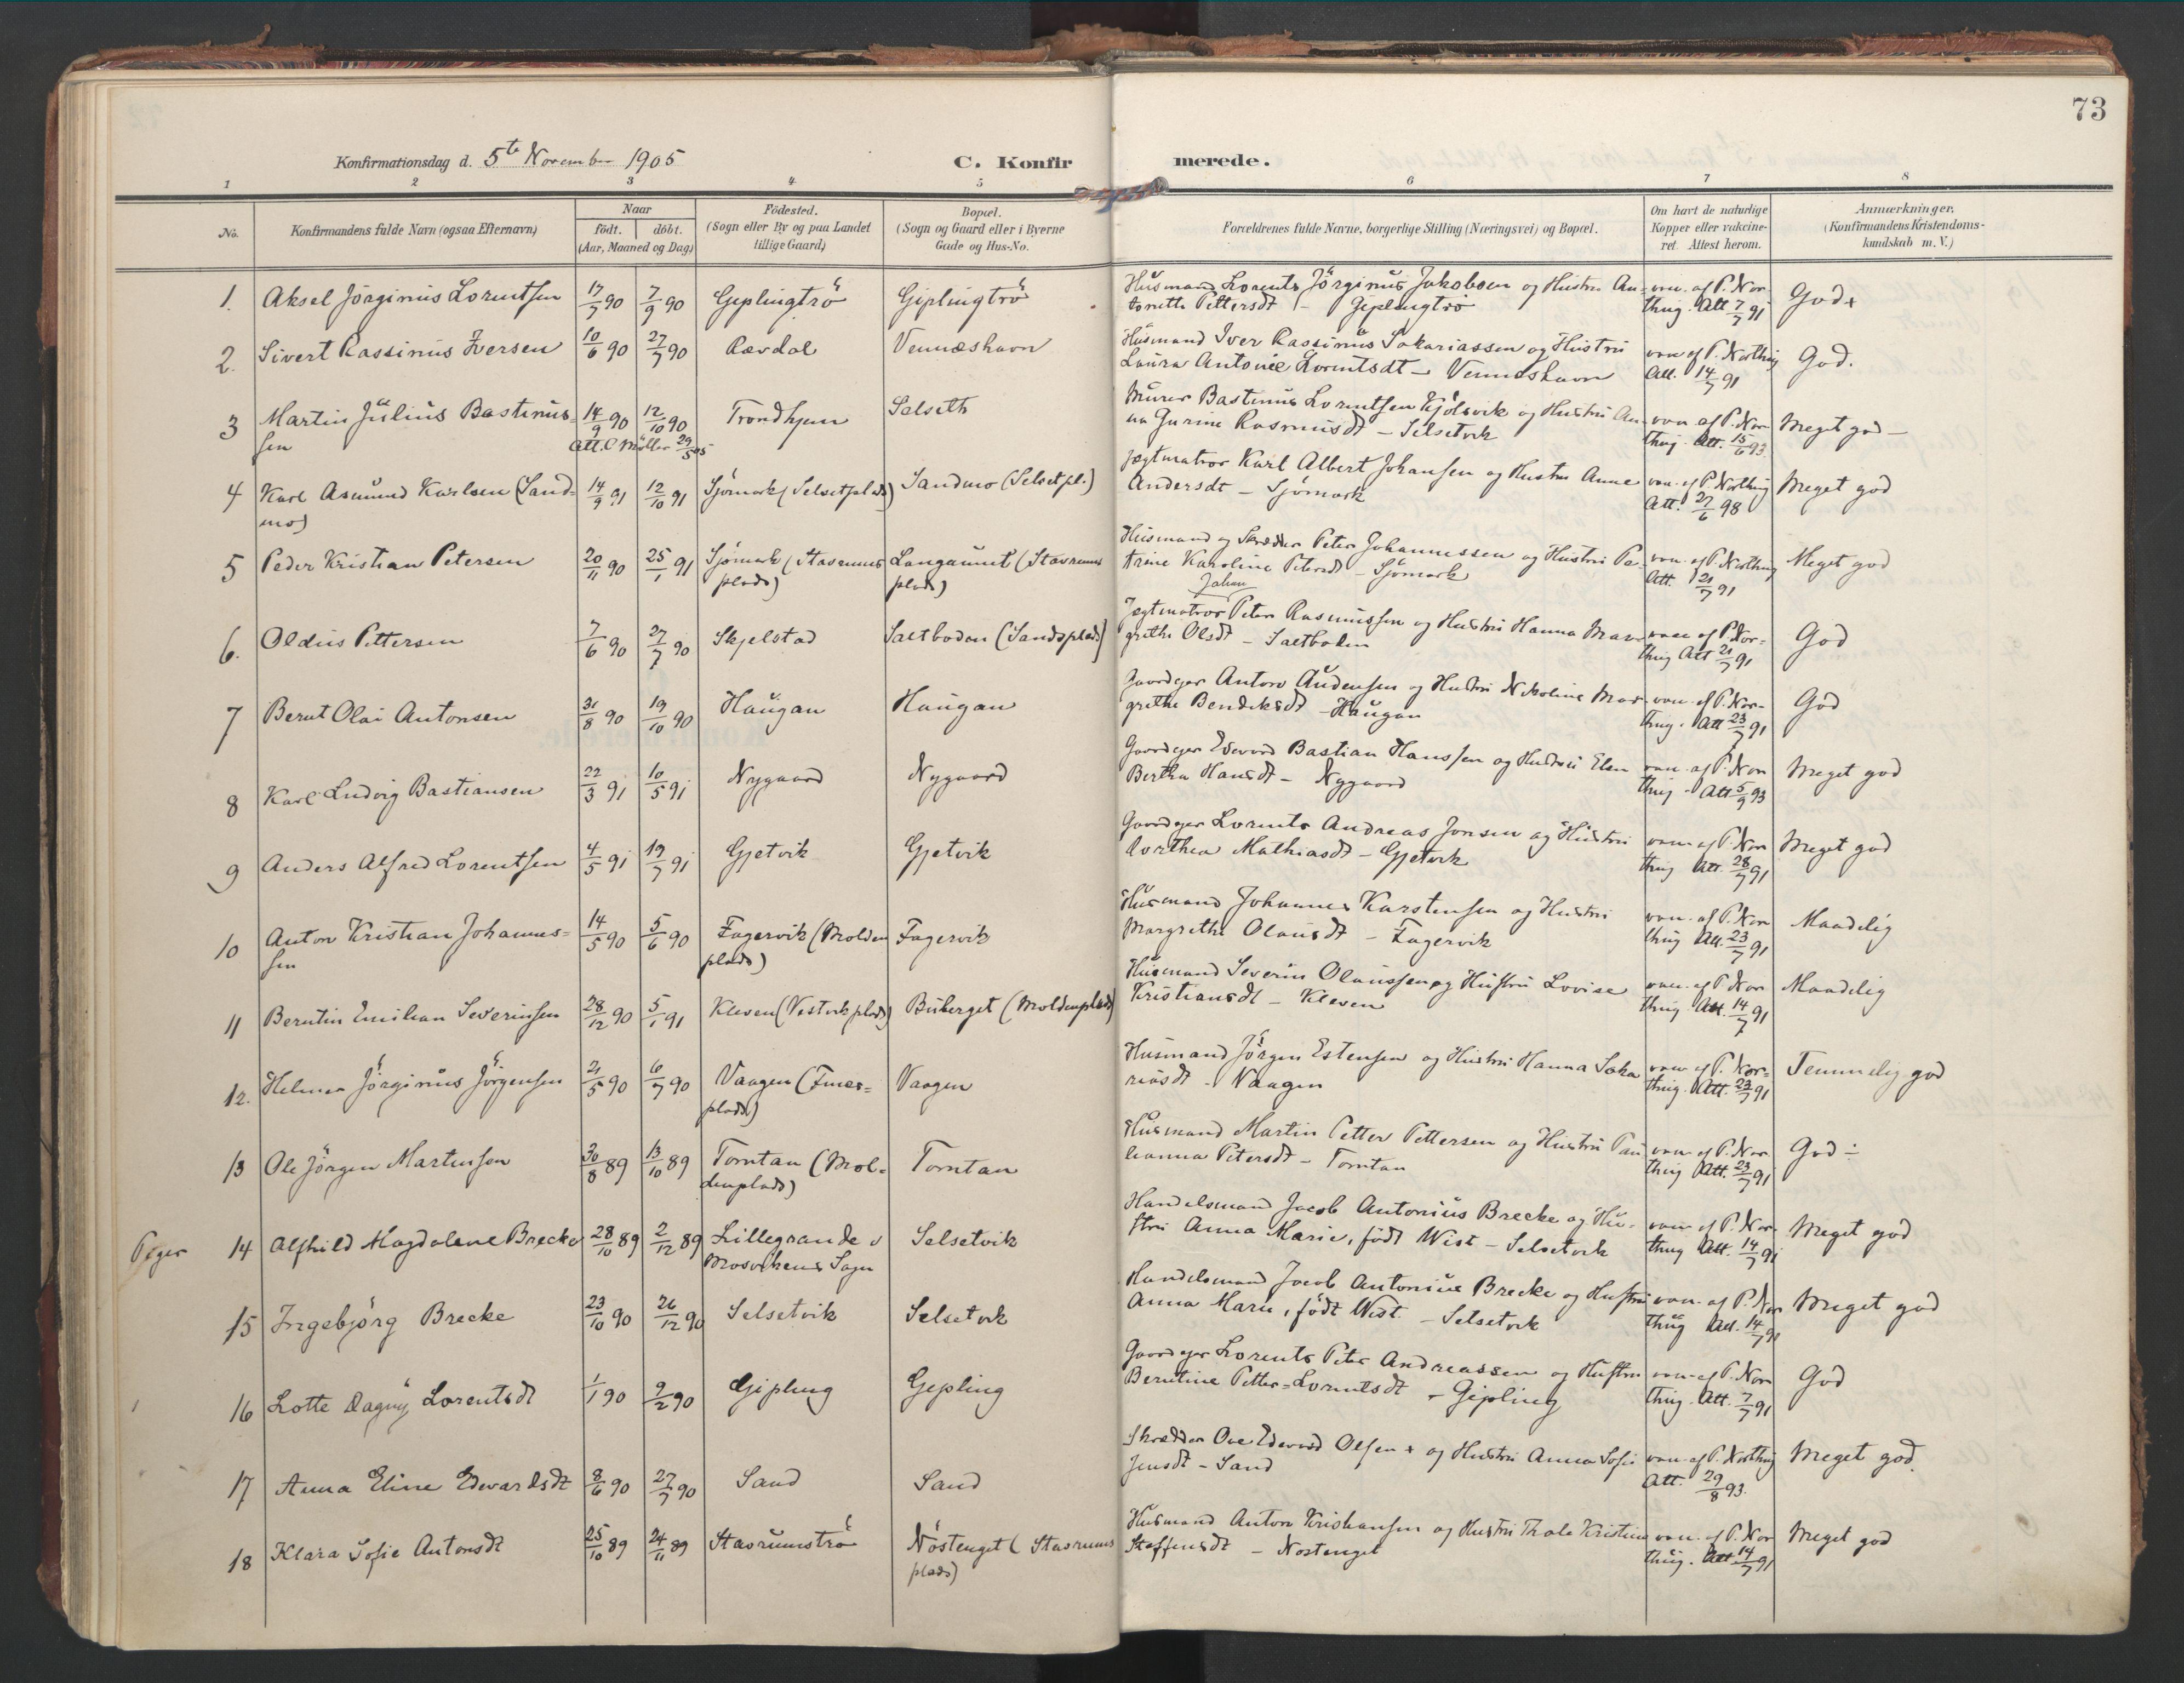 SAT, Ministerialprotokoller, klokkerbøker og fødselsregistre - Nord-Trøndelag, 744/L0421: Ministerialbok nr. 744A05, 1905-1930, s. 73